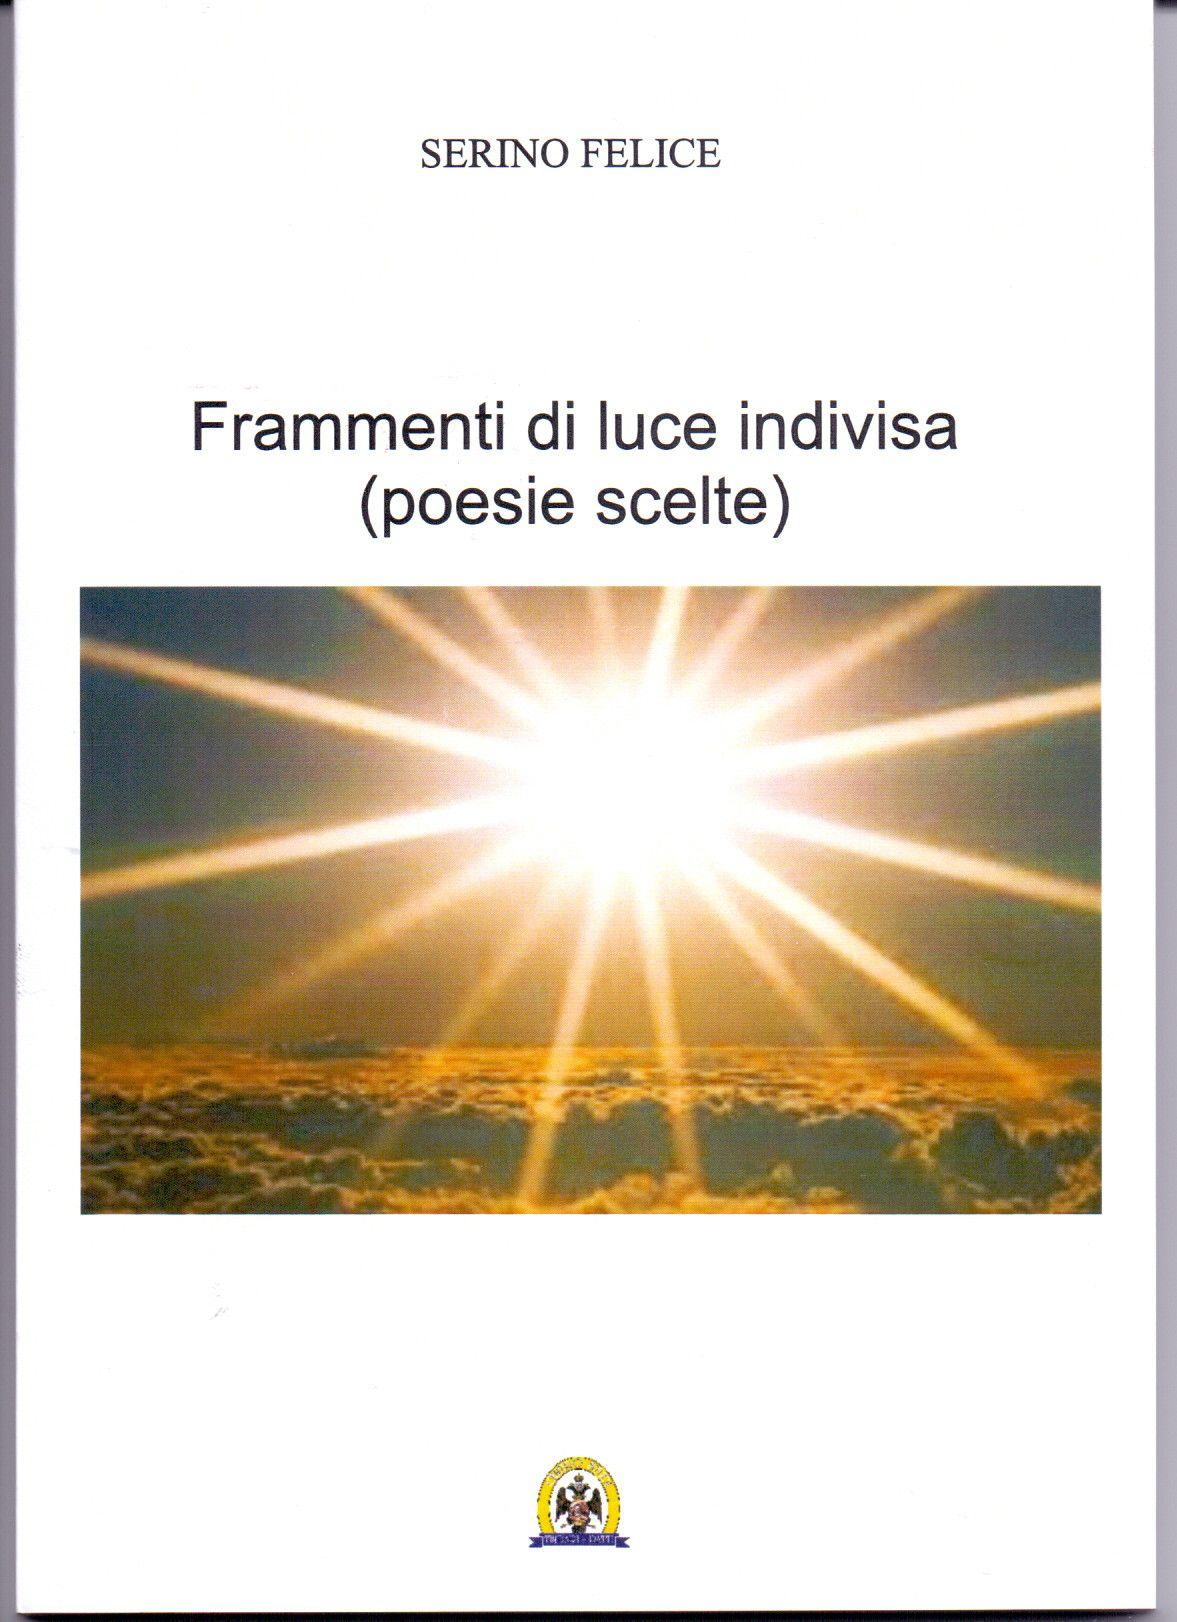 """Recensione a """"Frammenti di luce indivisa"""" di Felice Serino (centro studi Tindari Patti, nov. 2015)  Qualcosa illumina l'aria ed è un sentimento, la forma di un respiro accogliente che rigener..."""